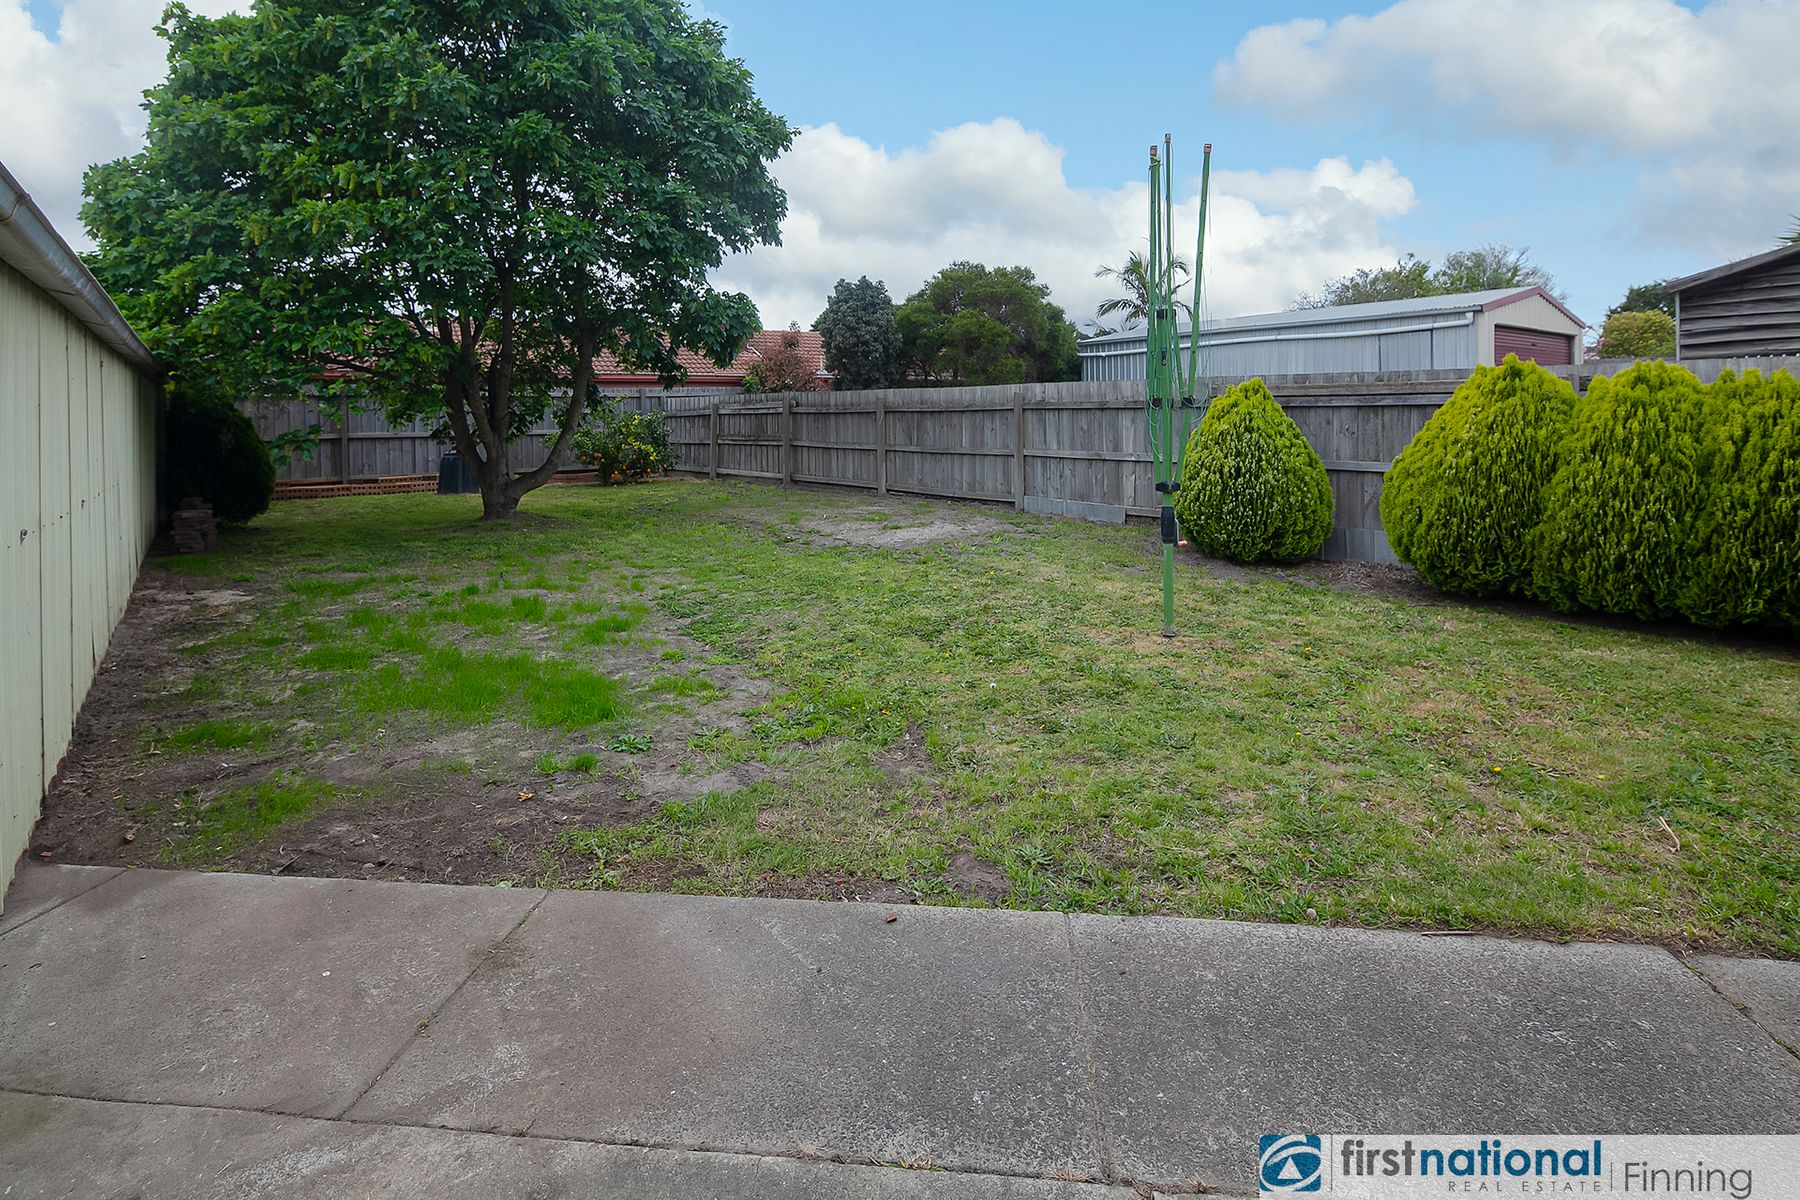 19 Toirram Crescent, Cranbourne, VIC 3977